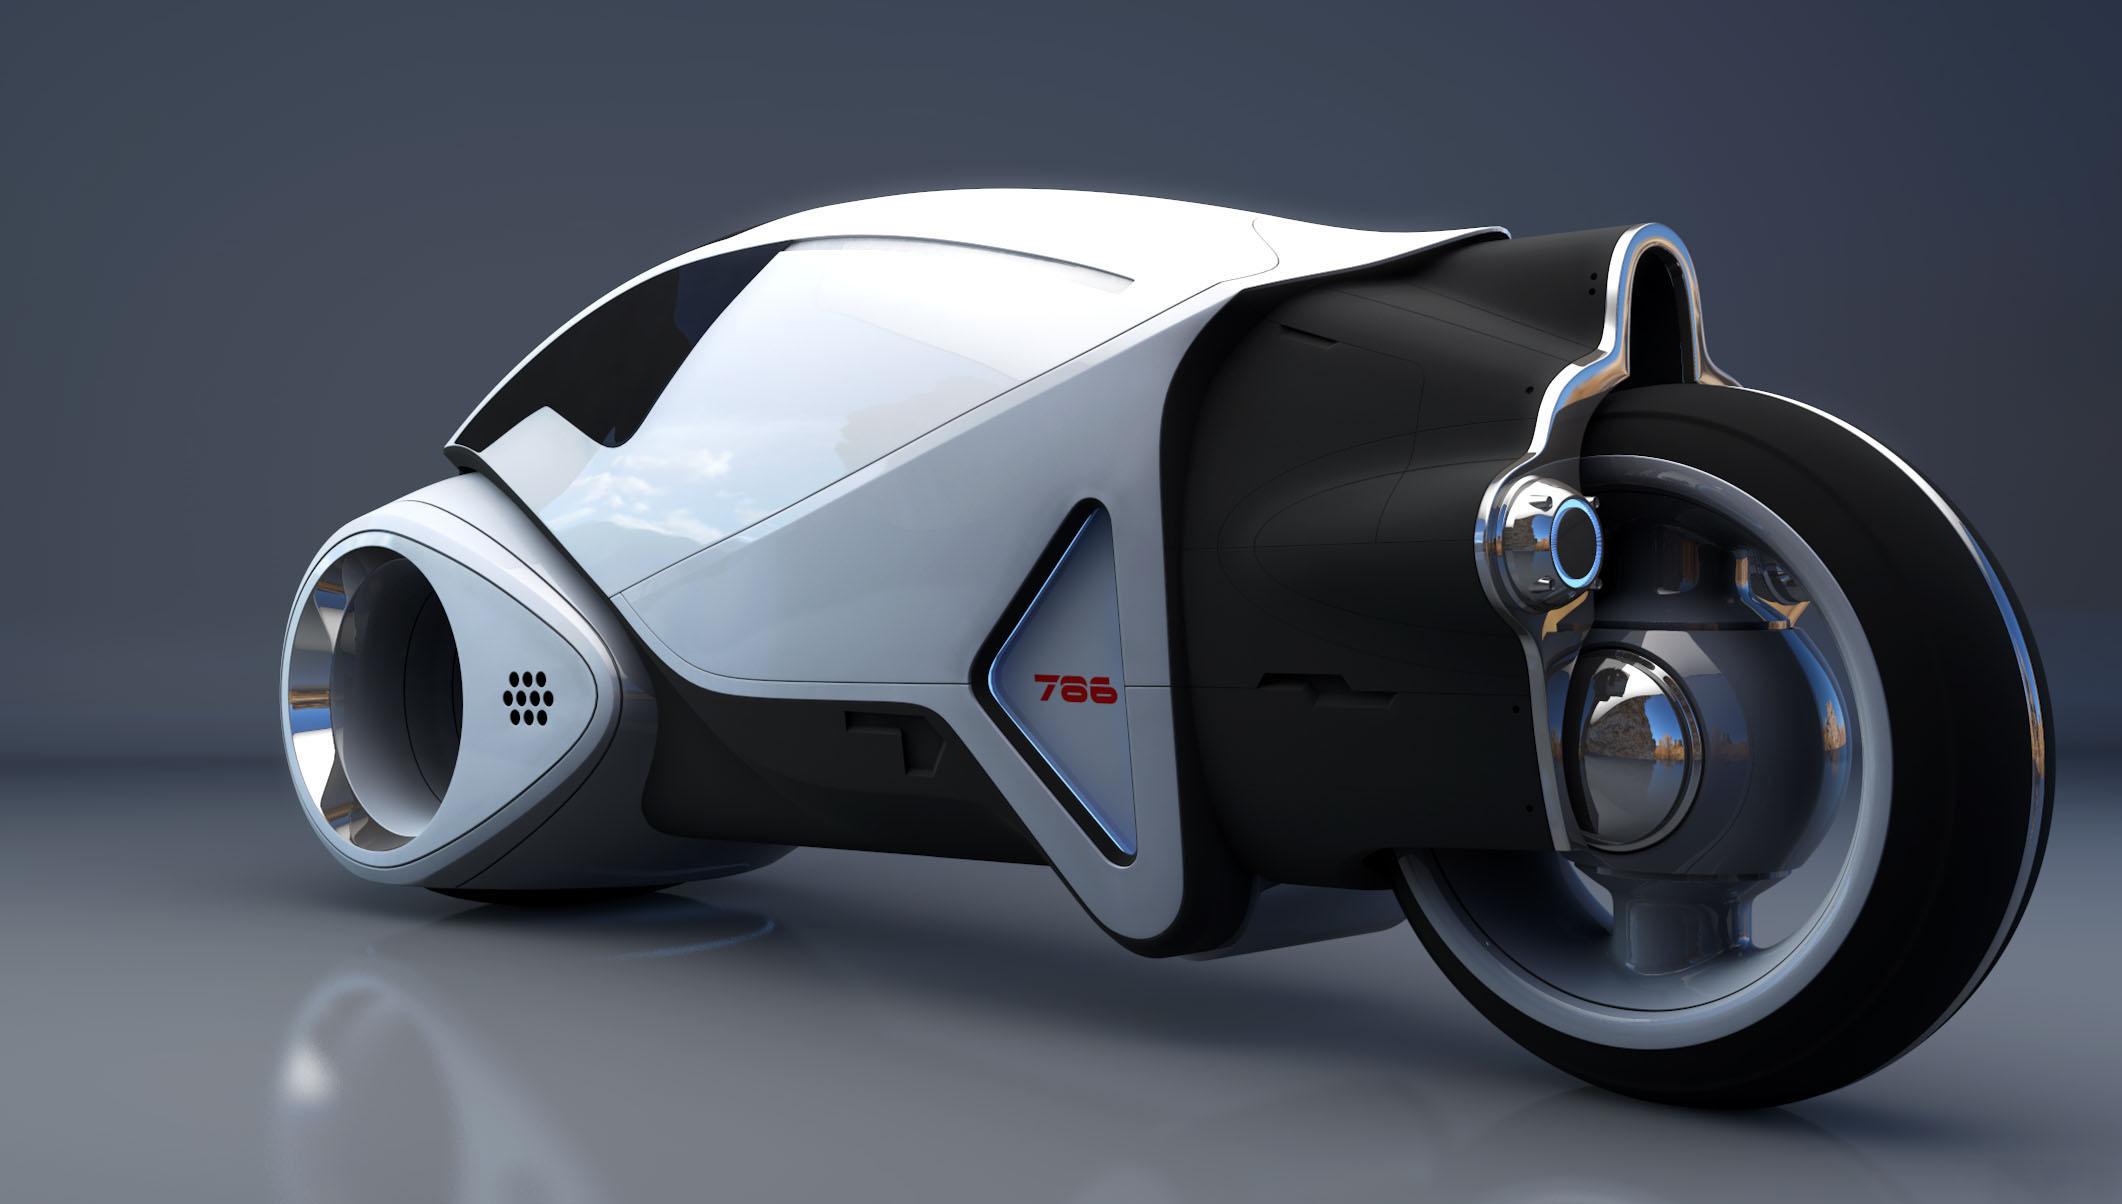 天才汽车设计师笔下的宇宙飞行器